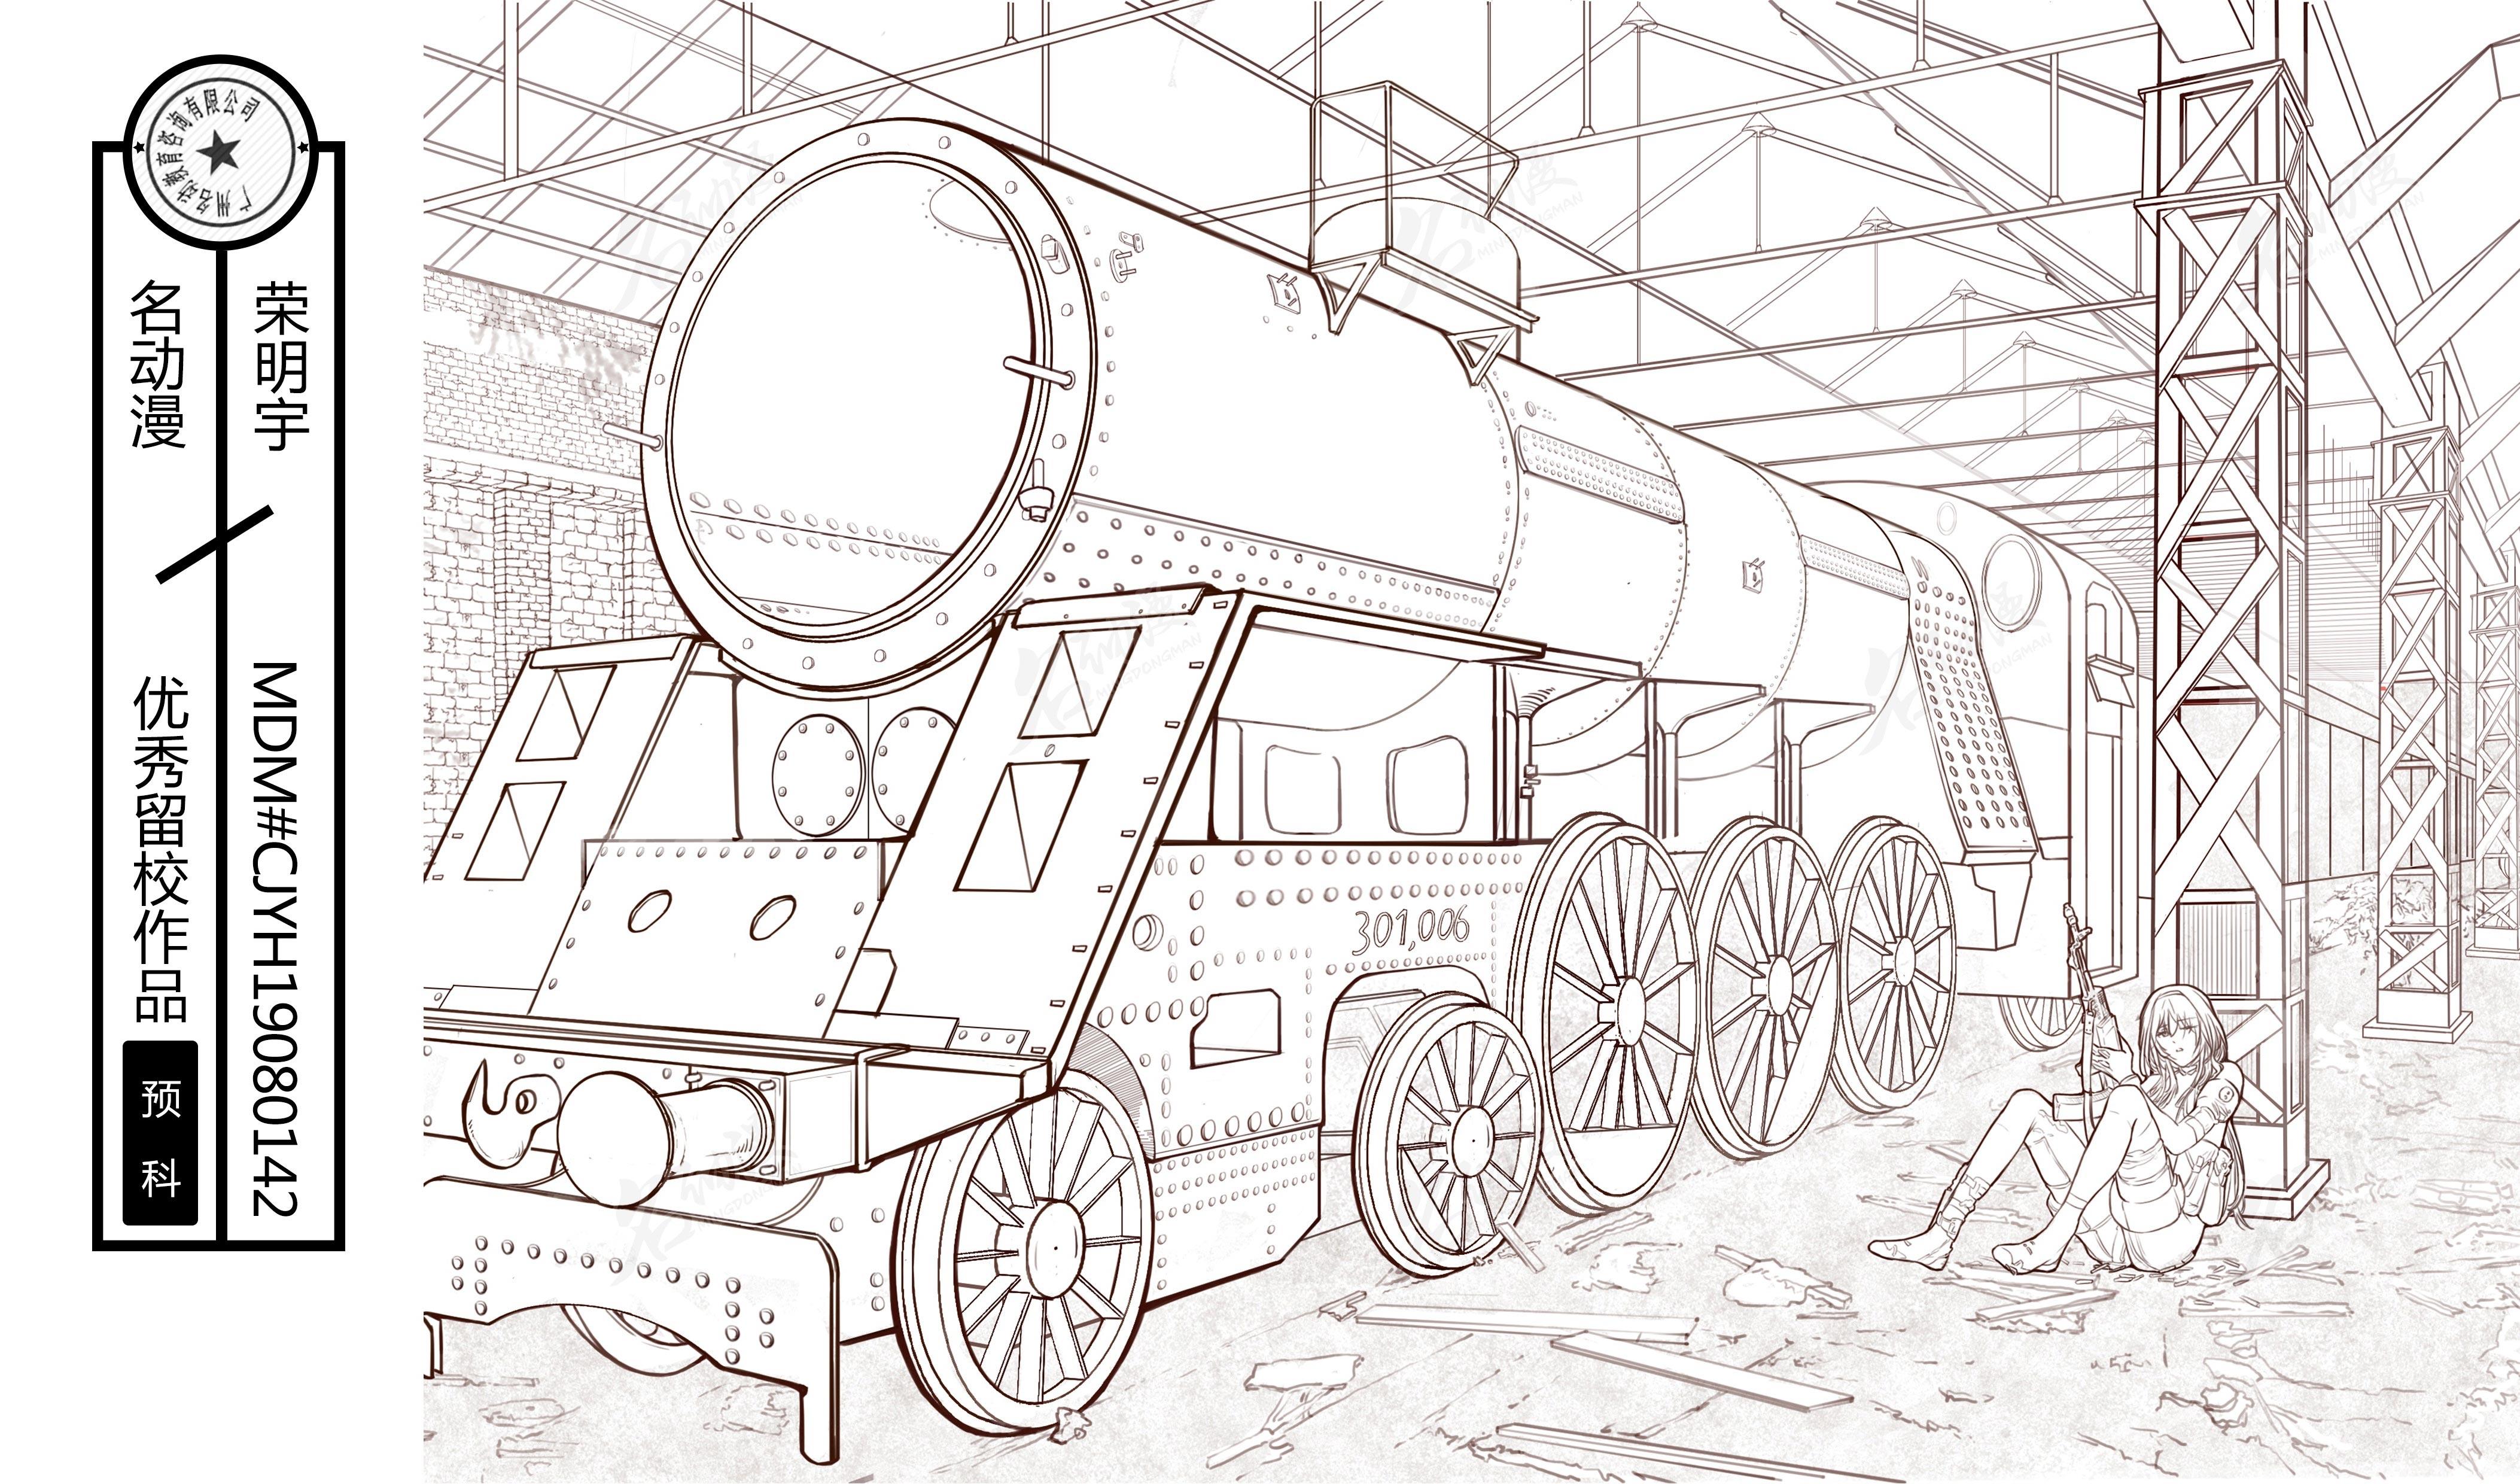 燃煤火车头